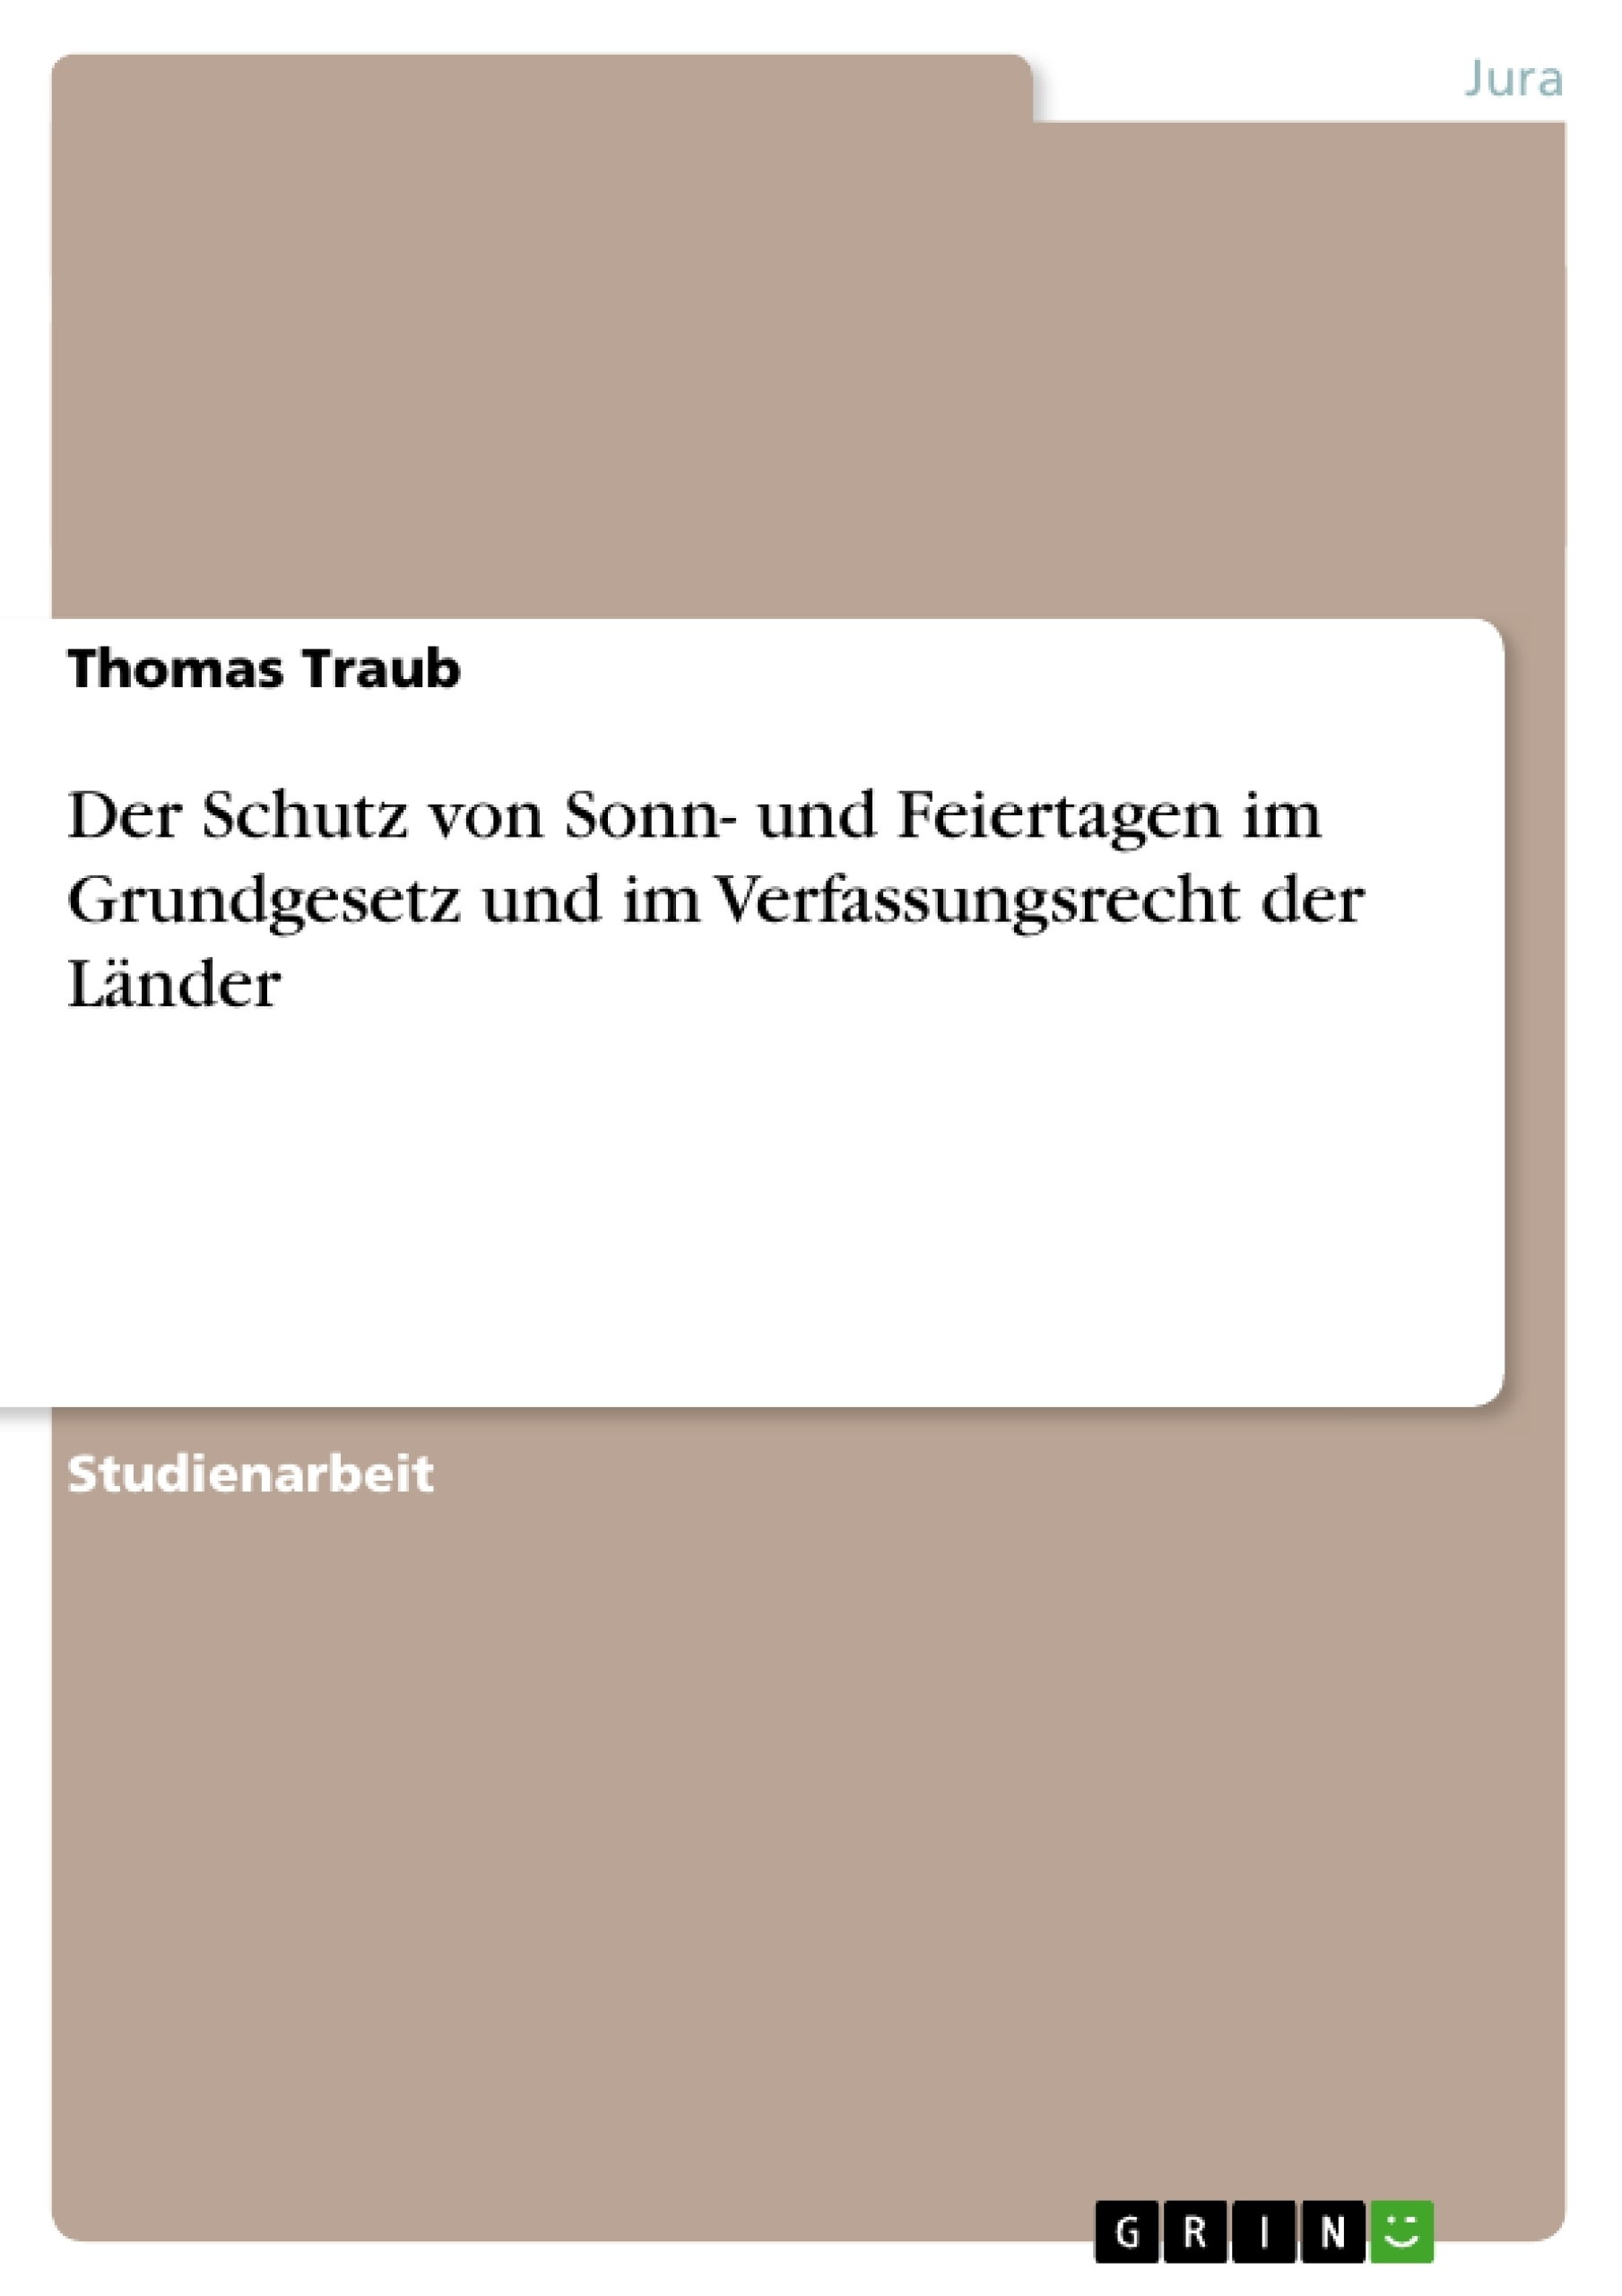 Titel: Der Schutz von Sonn- und Feiertagen im Grundgesetz und im Verfassungsrecht der Länder